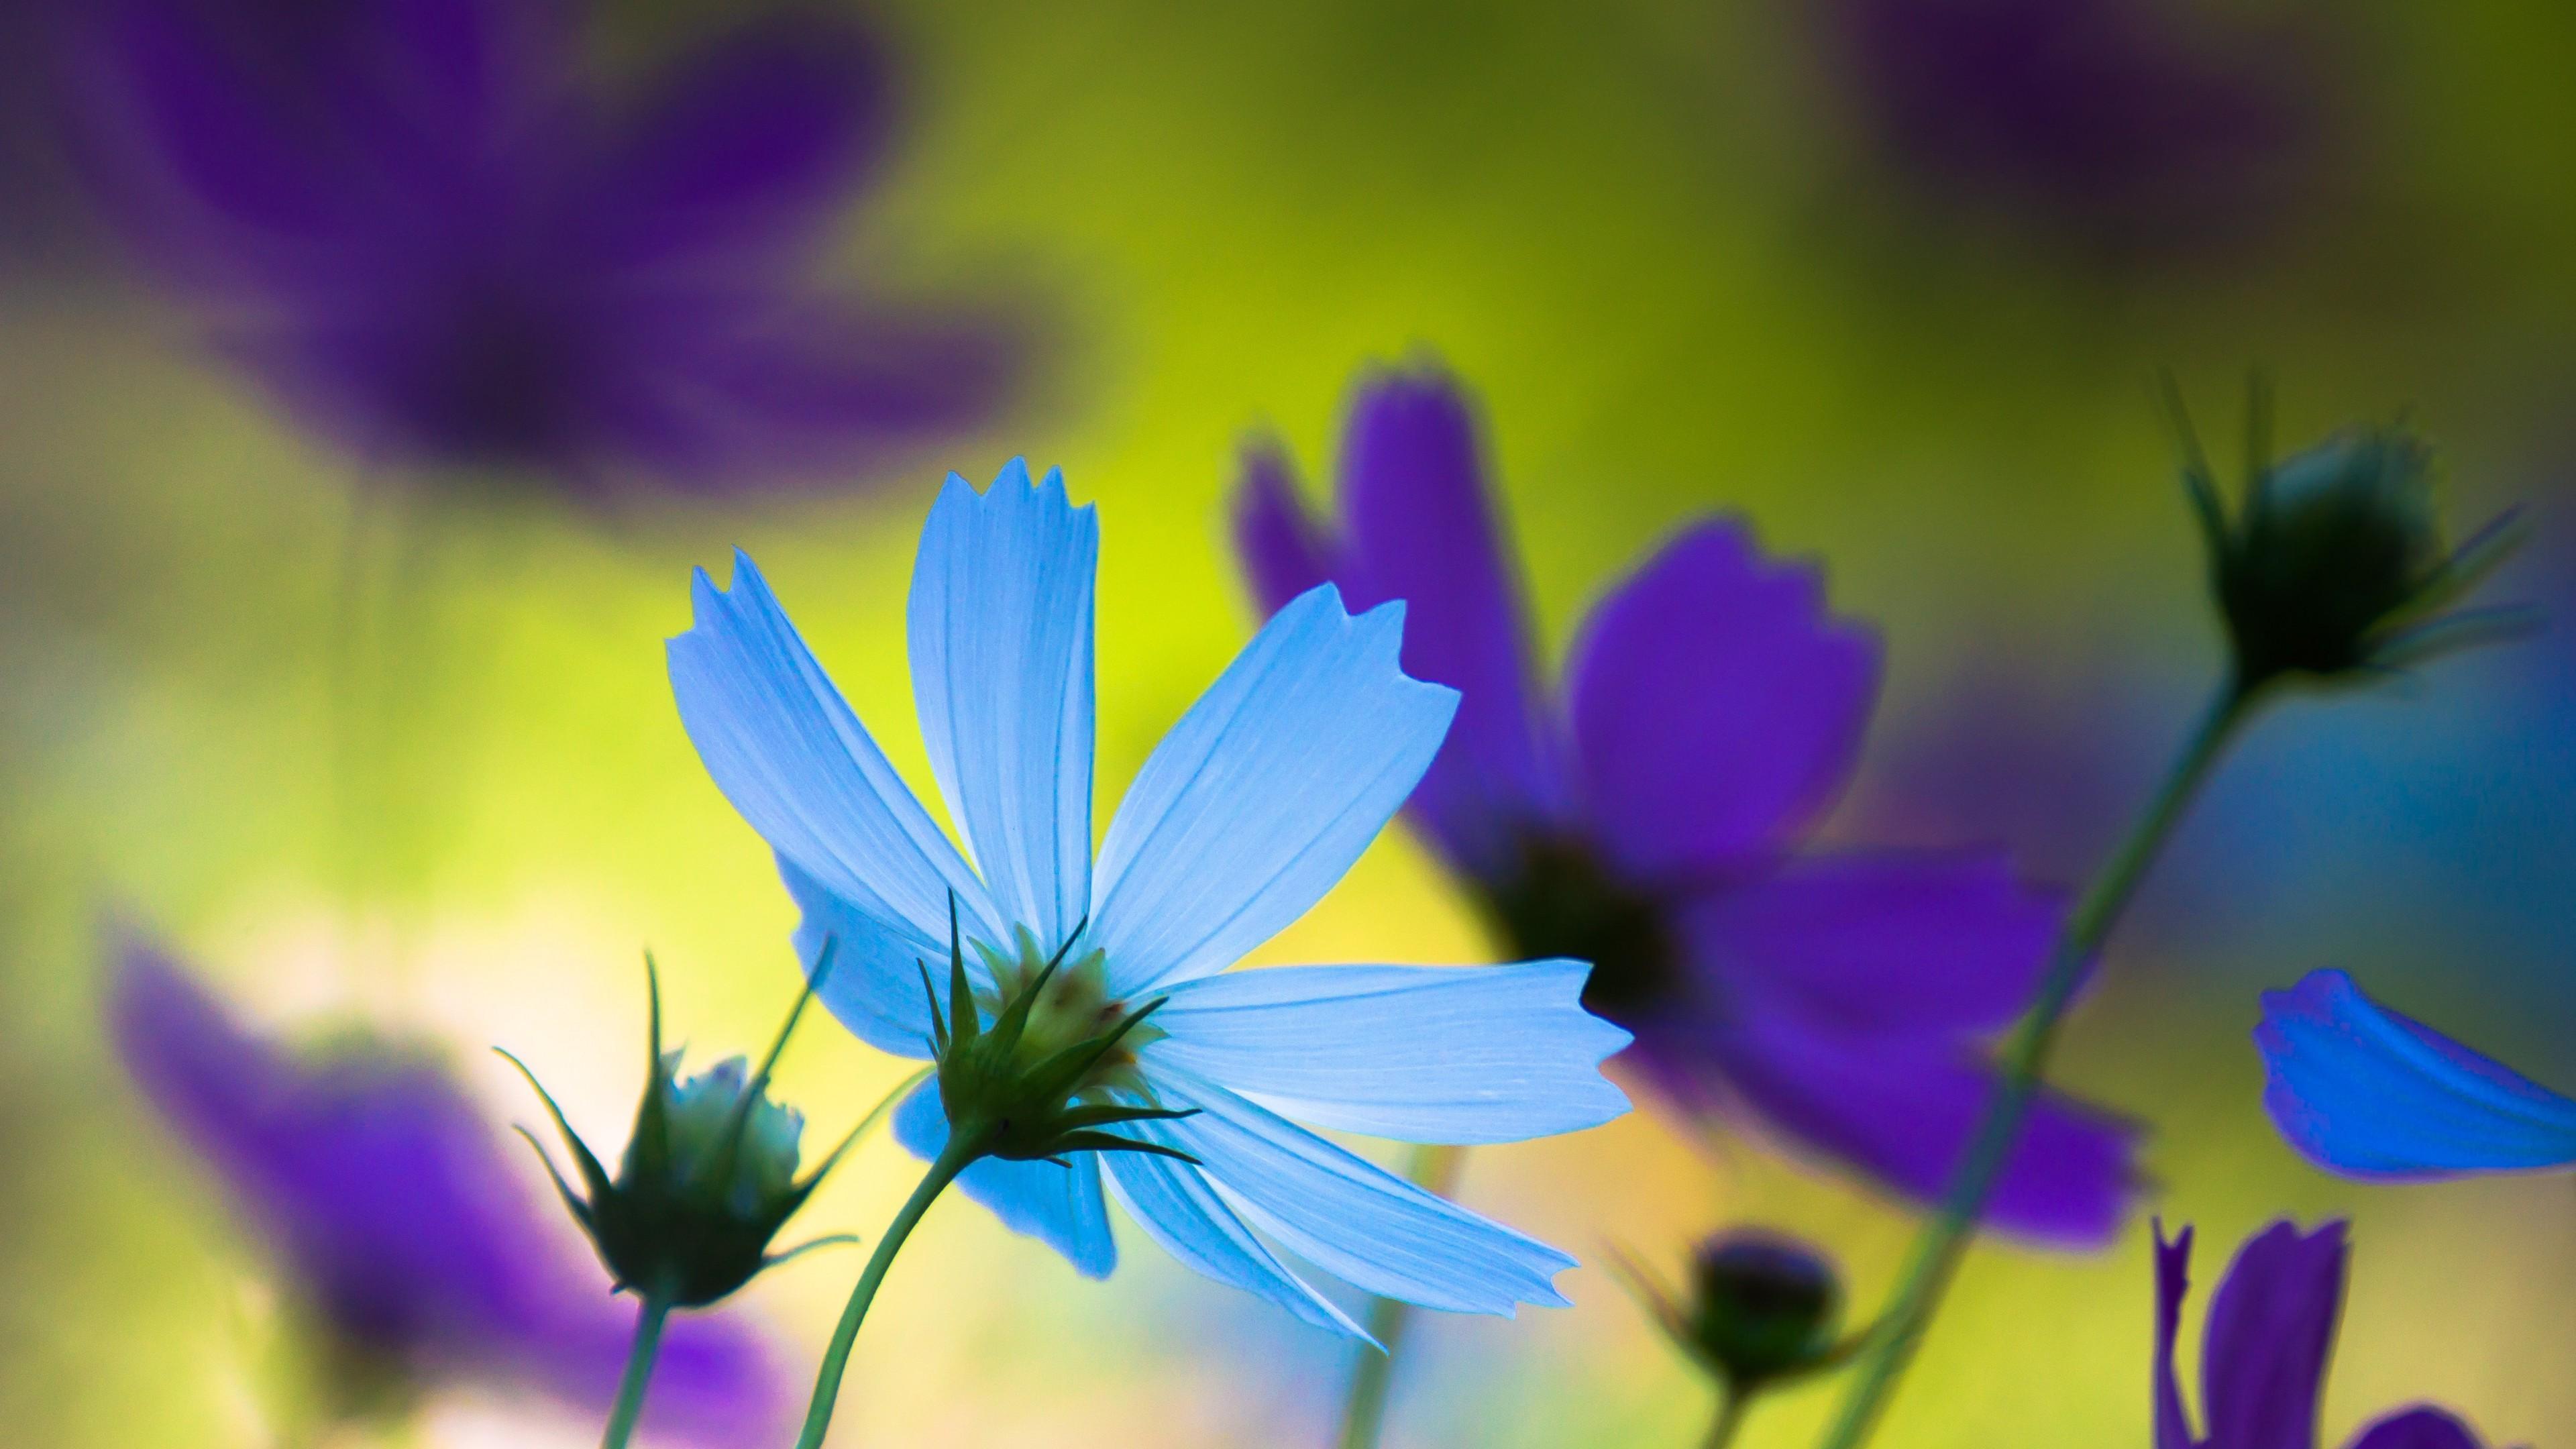 Нежные ,гофрированные лепестки ромашек голубого,фиолетового цвета в рассветных лучах солнца